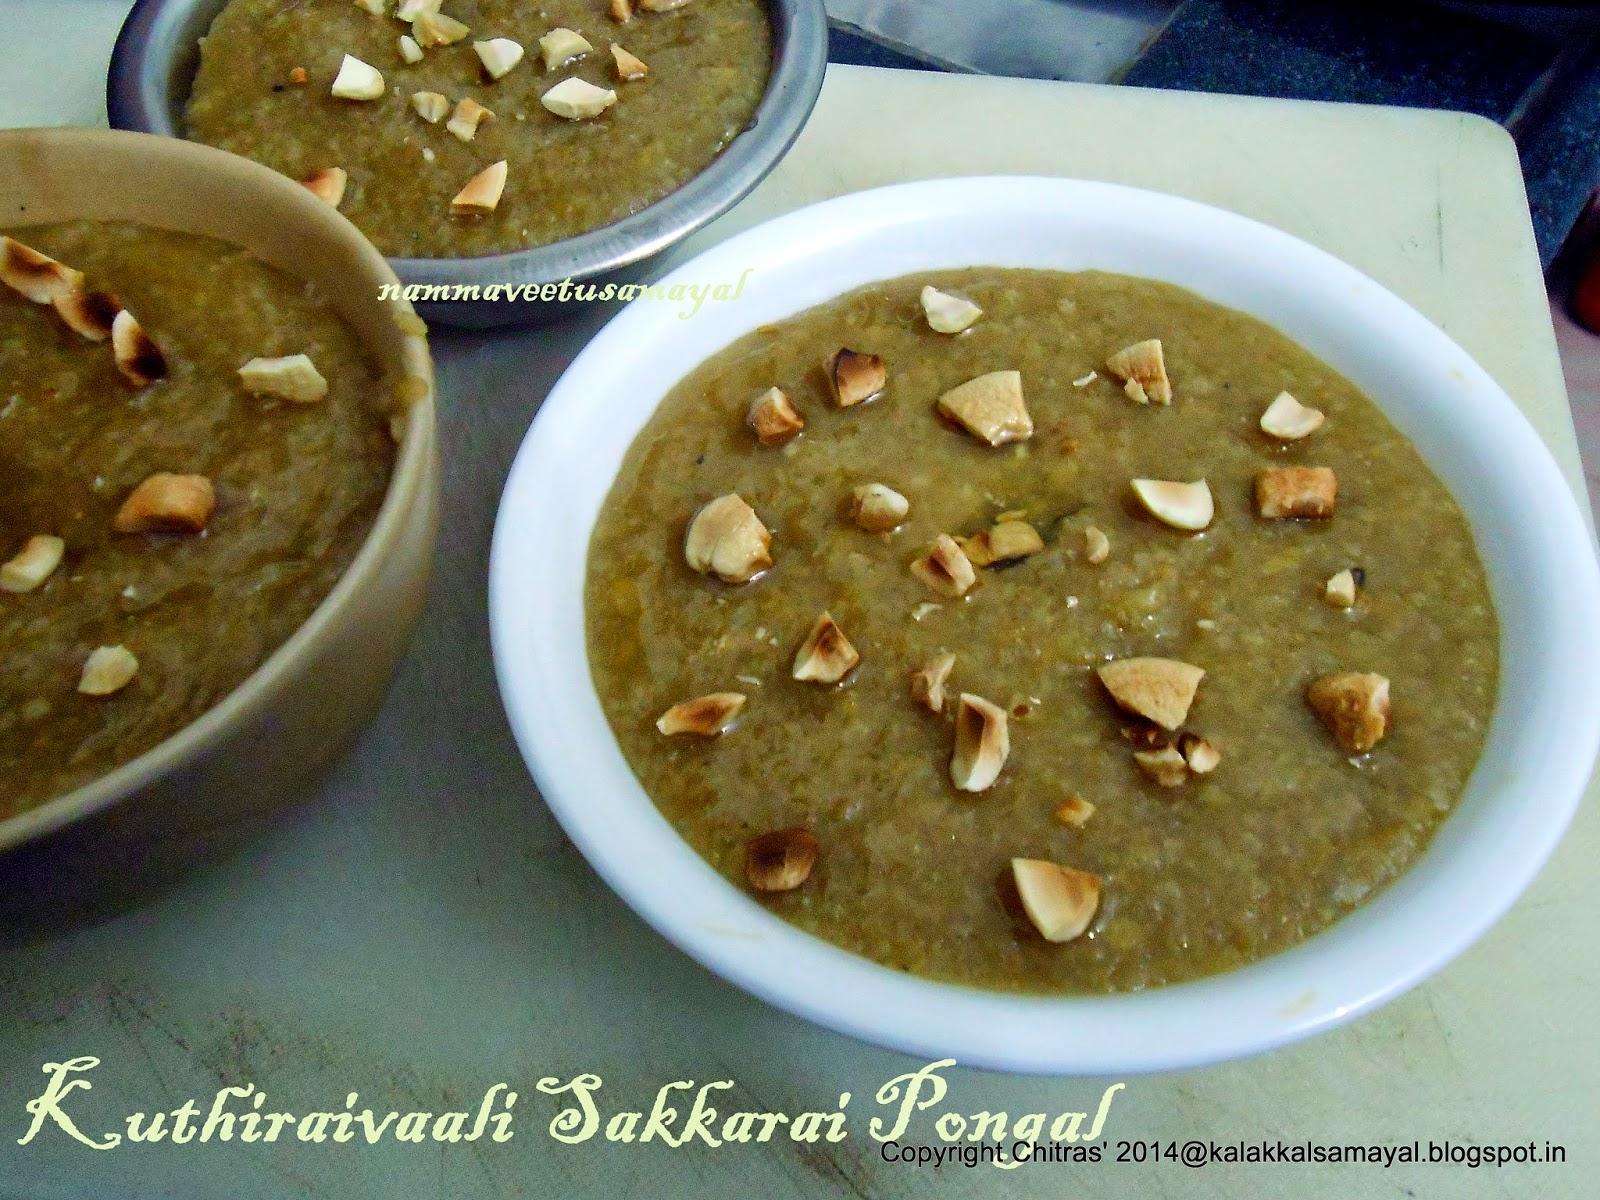 Kuthiraivaali Sakkarai Pongal [ Barnyard millet Sweet Pongal ]